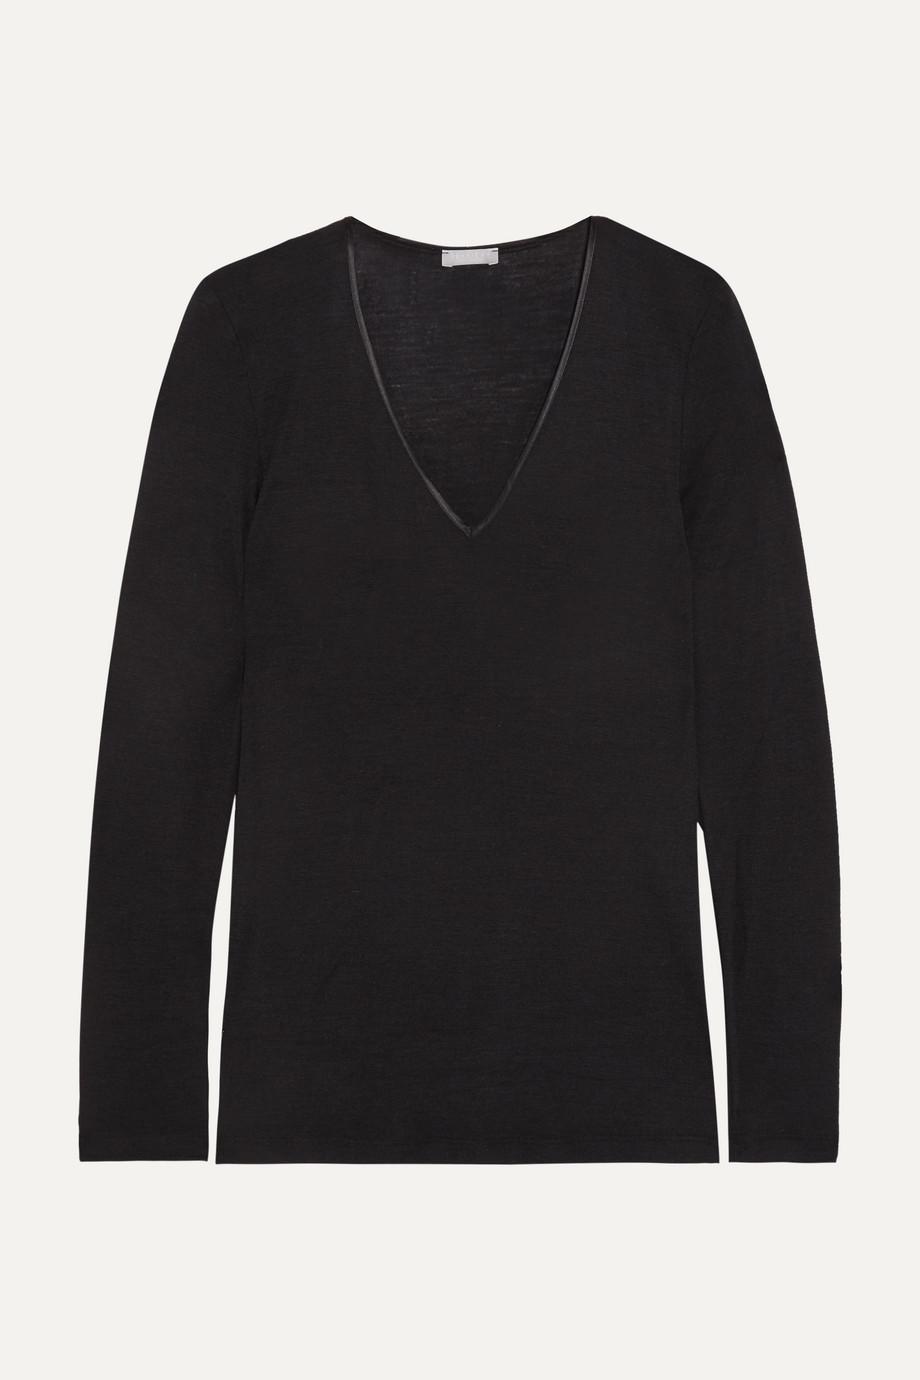 Hanro Merino wool and silk-blend jersey top